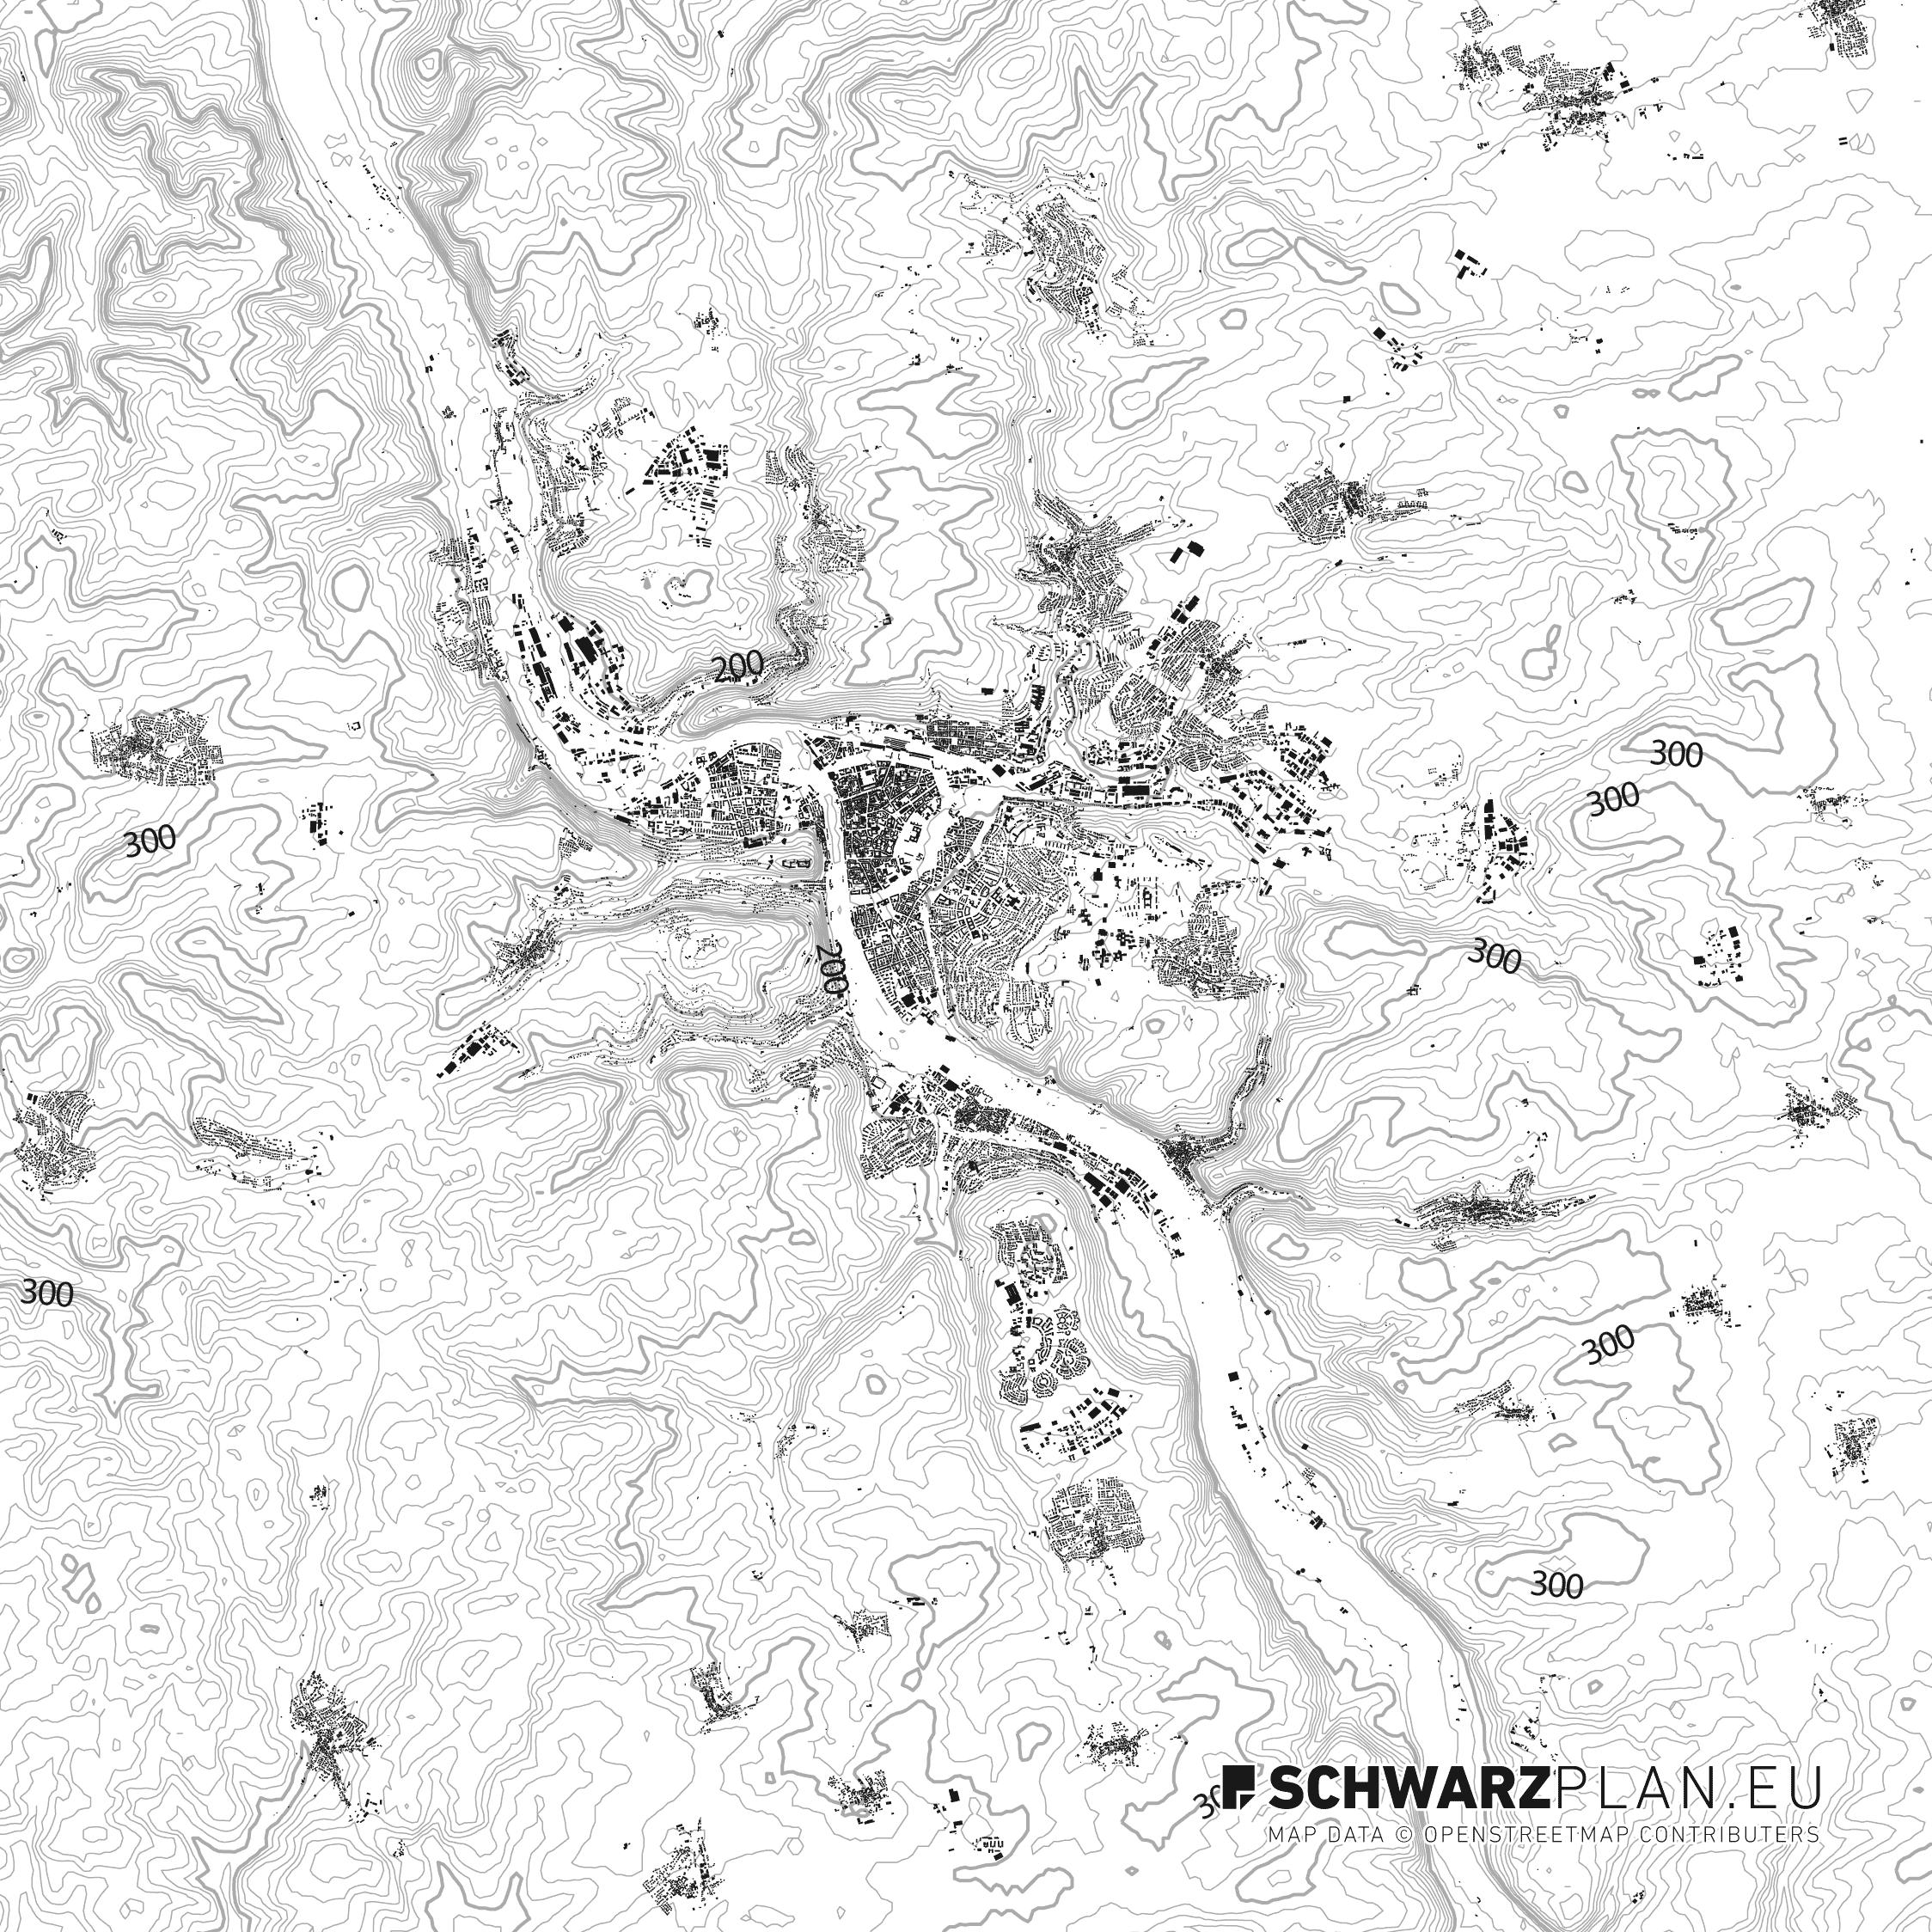 Schwarzplan von Würzburg